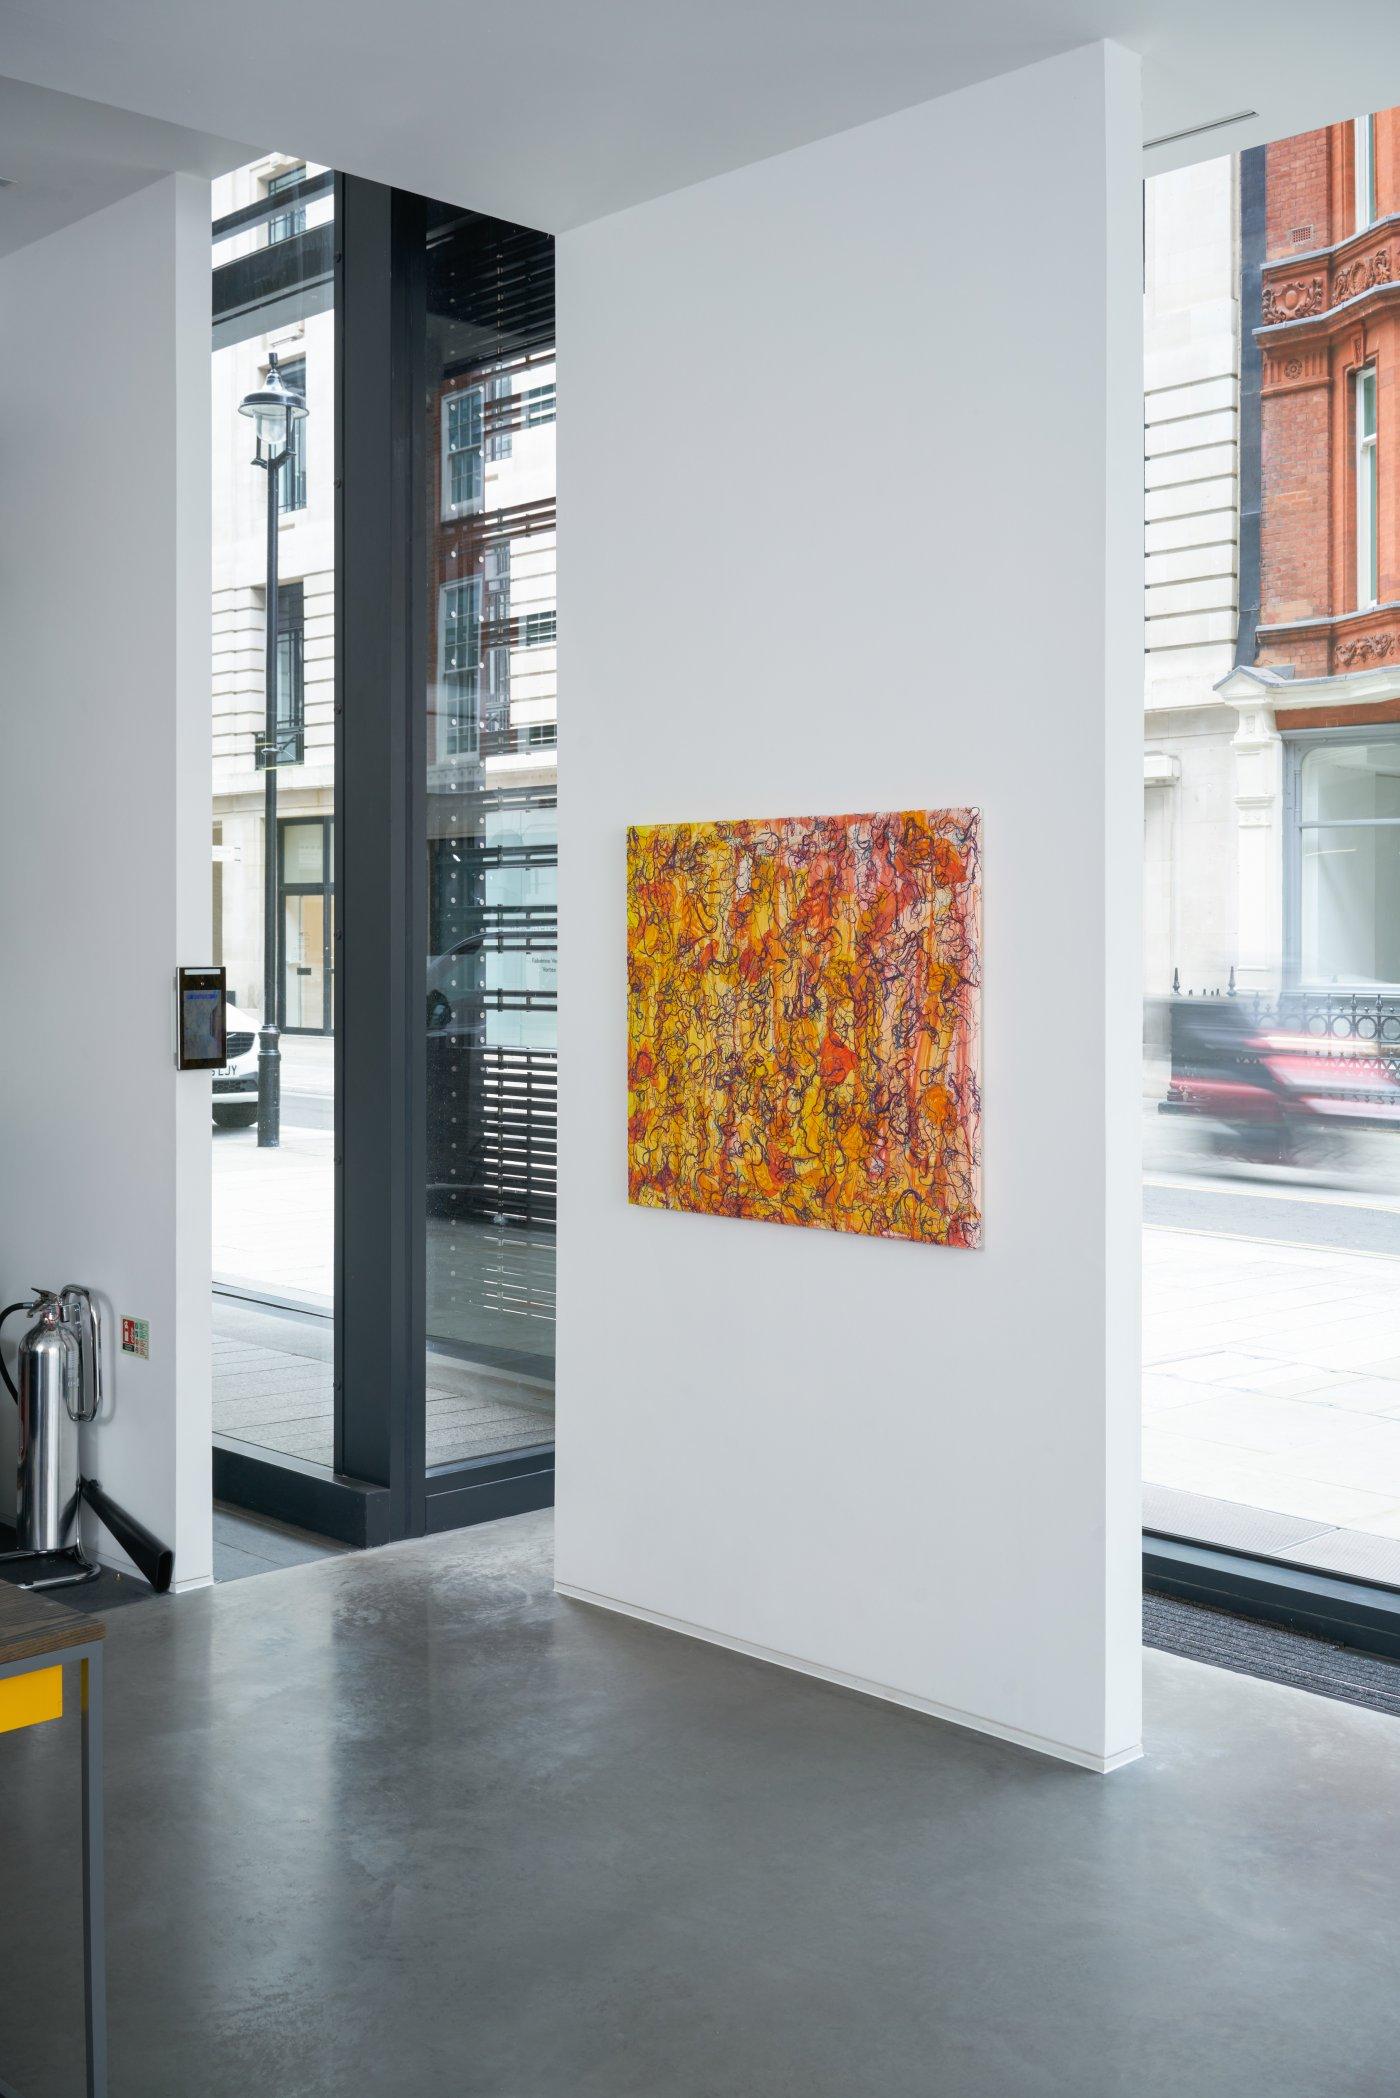 Goodman Gallery Ghada Amer 2